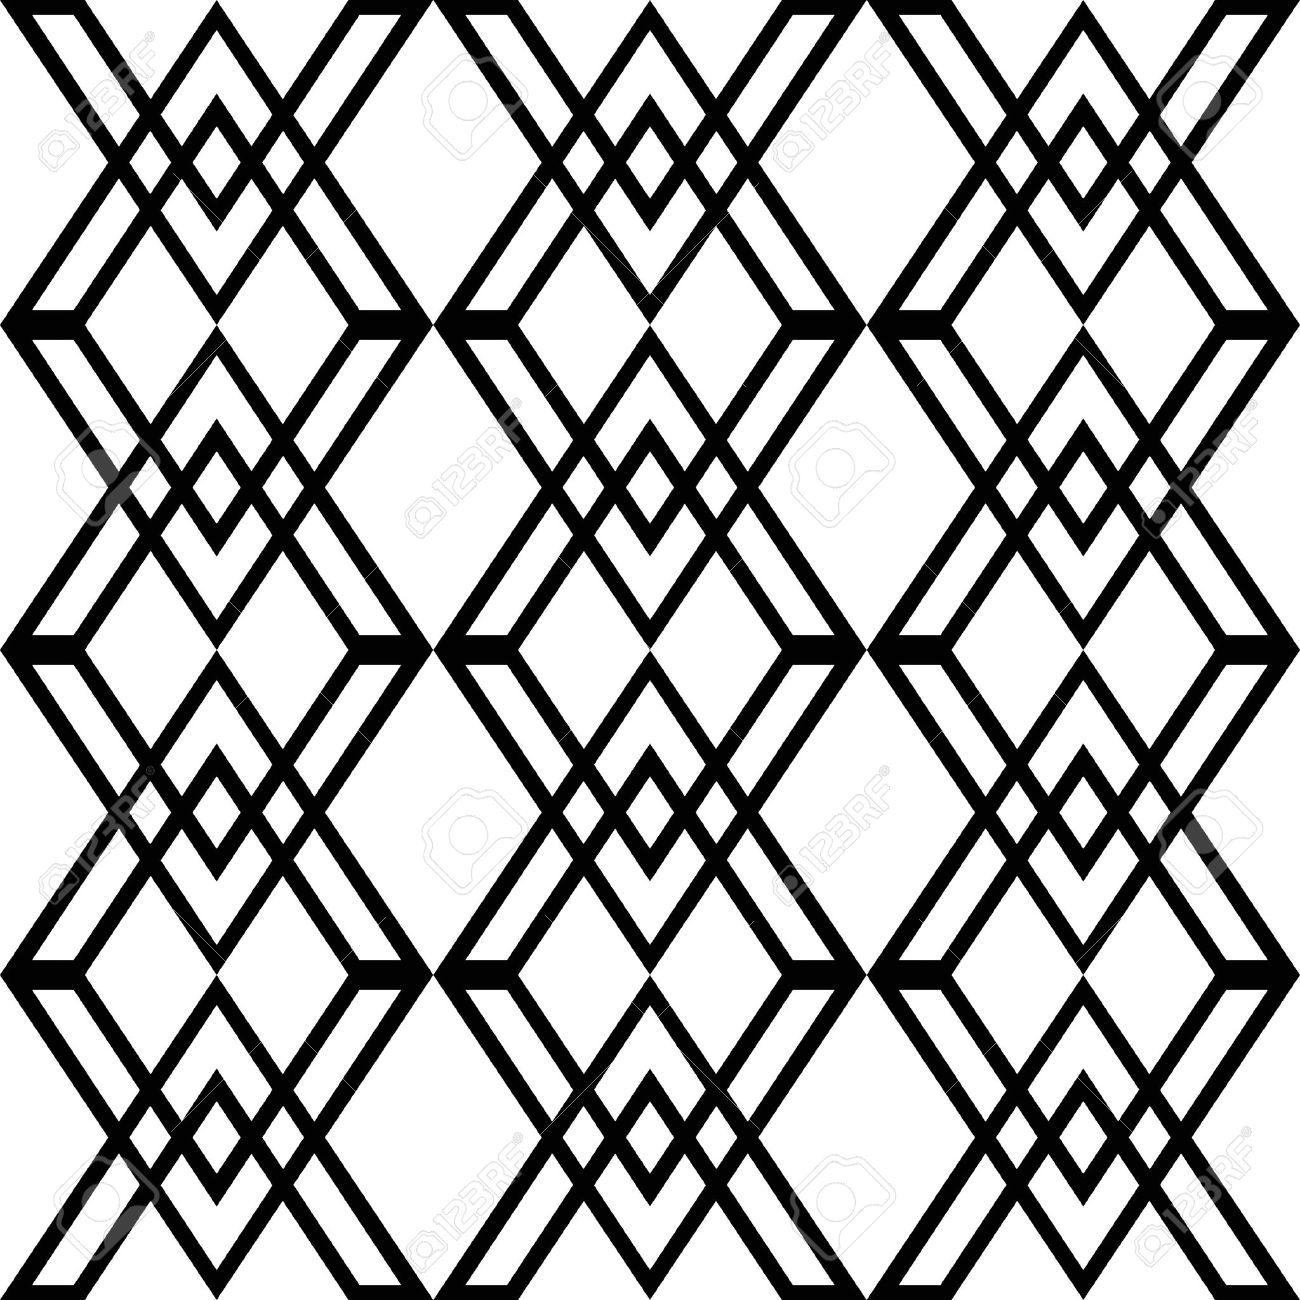 Resumen de antecedentes de los patrones geométricos de la moda sin costura